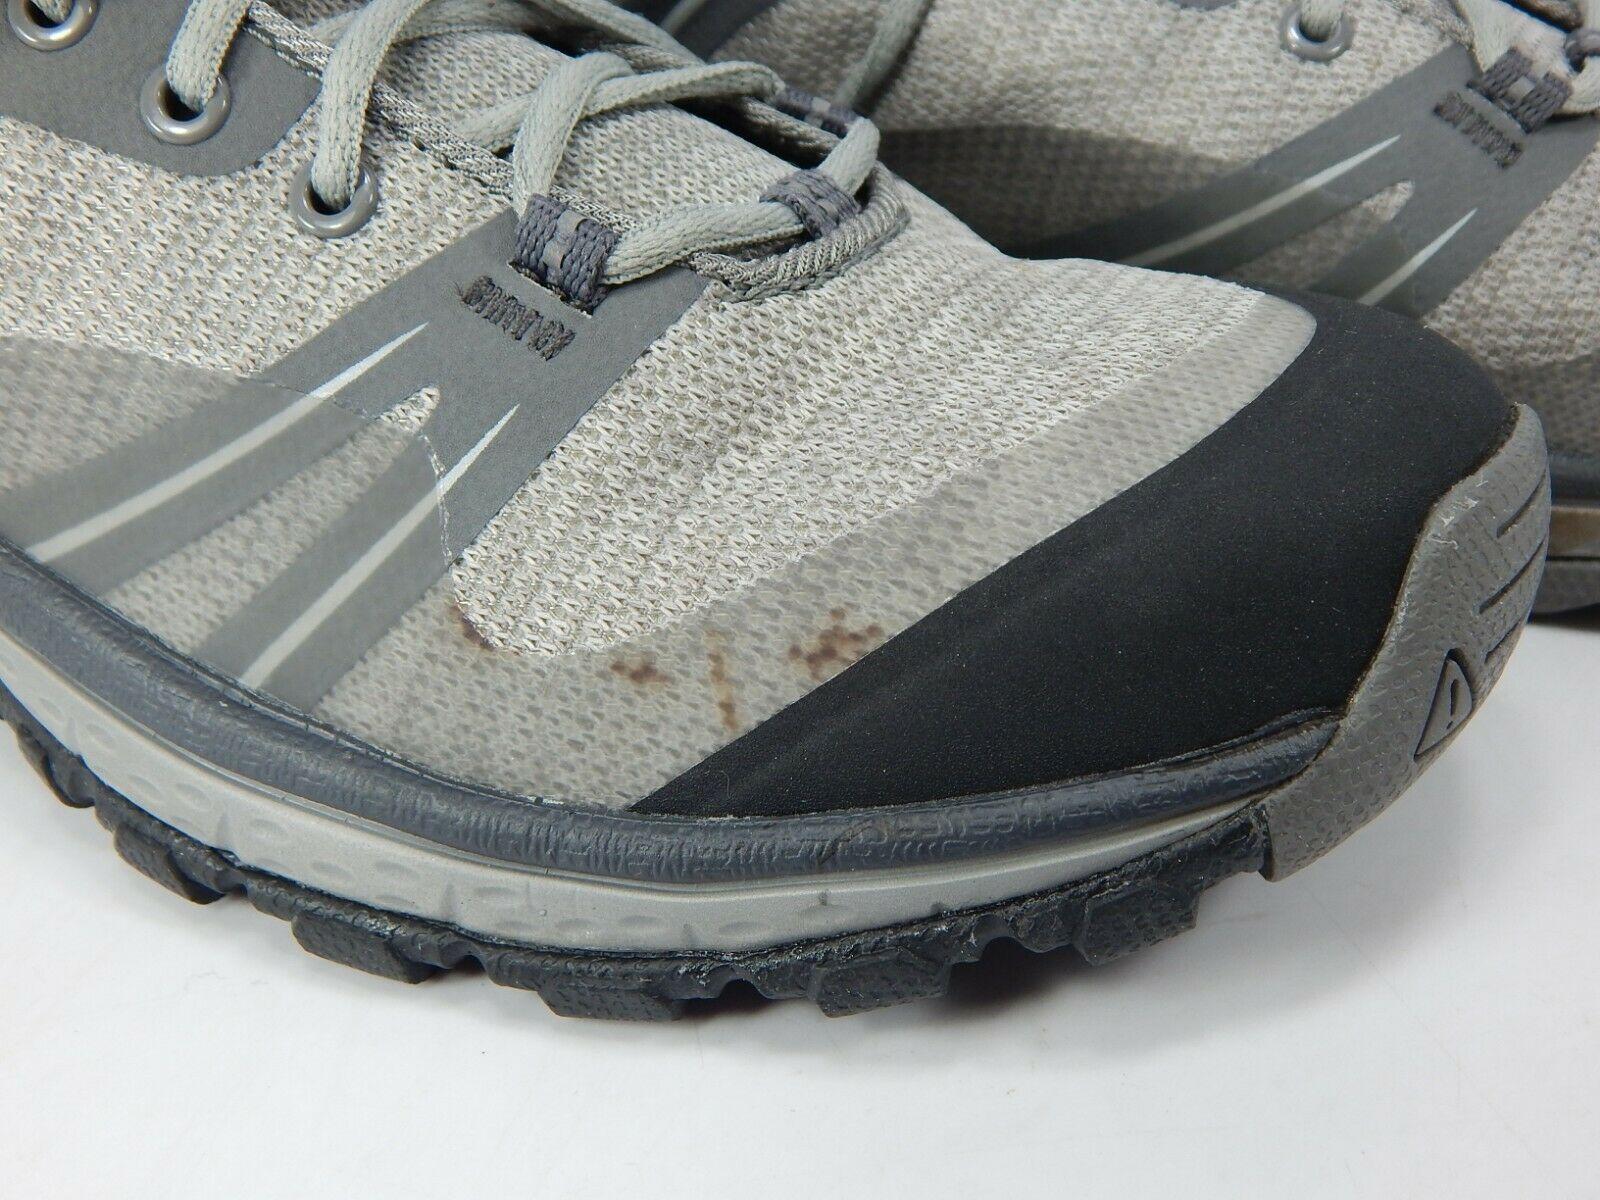 Keen Terradora Low Top Size 7.5 M (B) EU 38 Women's WP Hiking Shoes Grey 101650